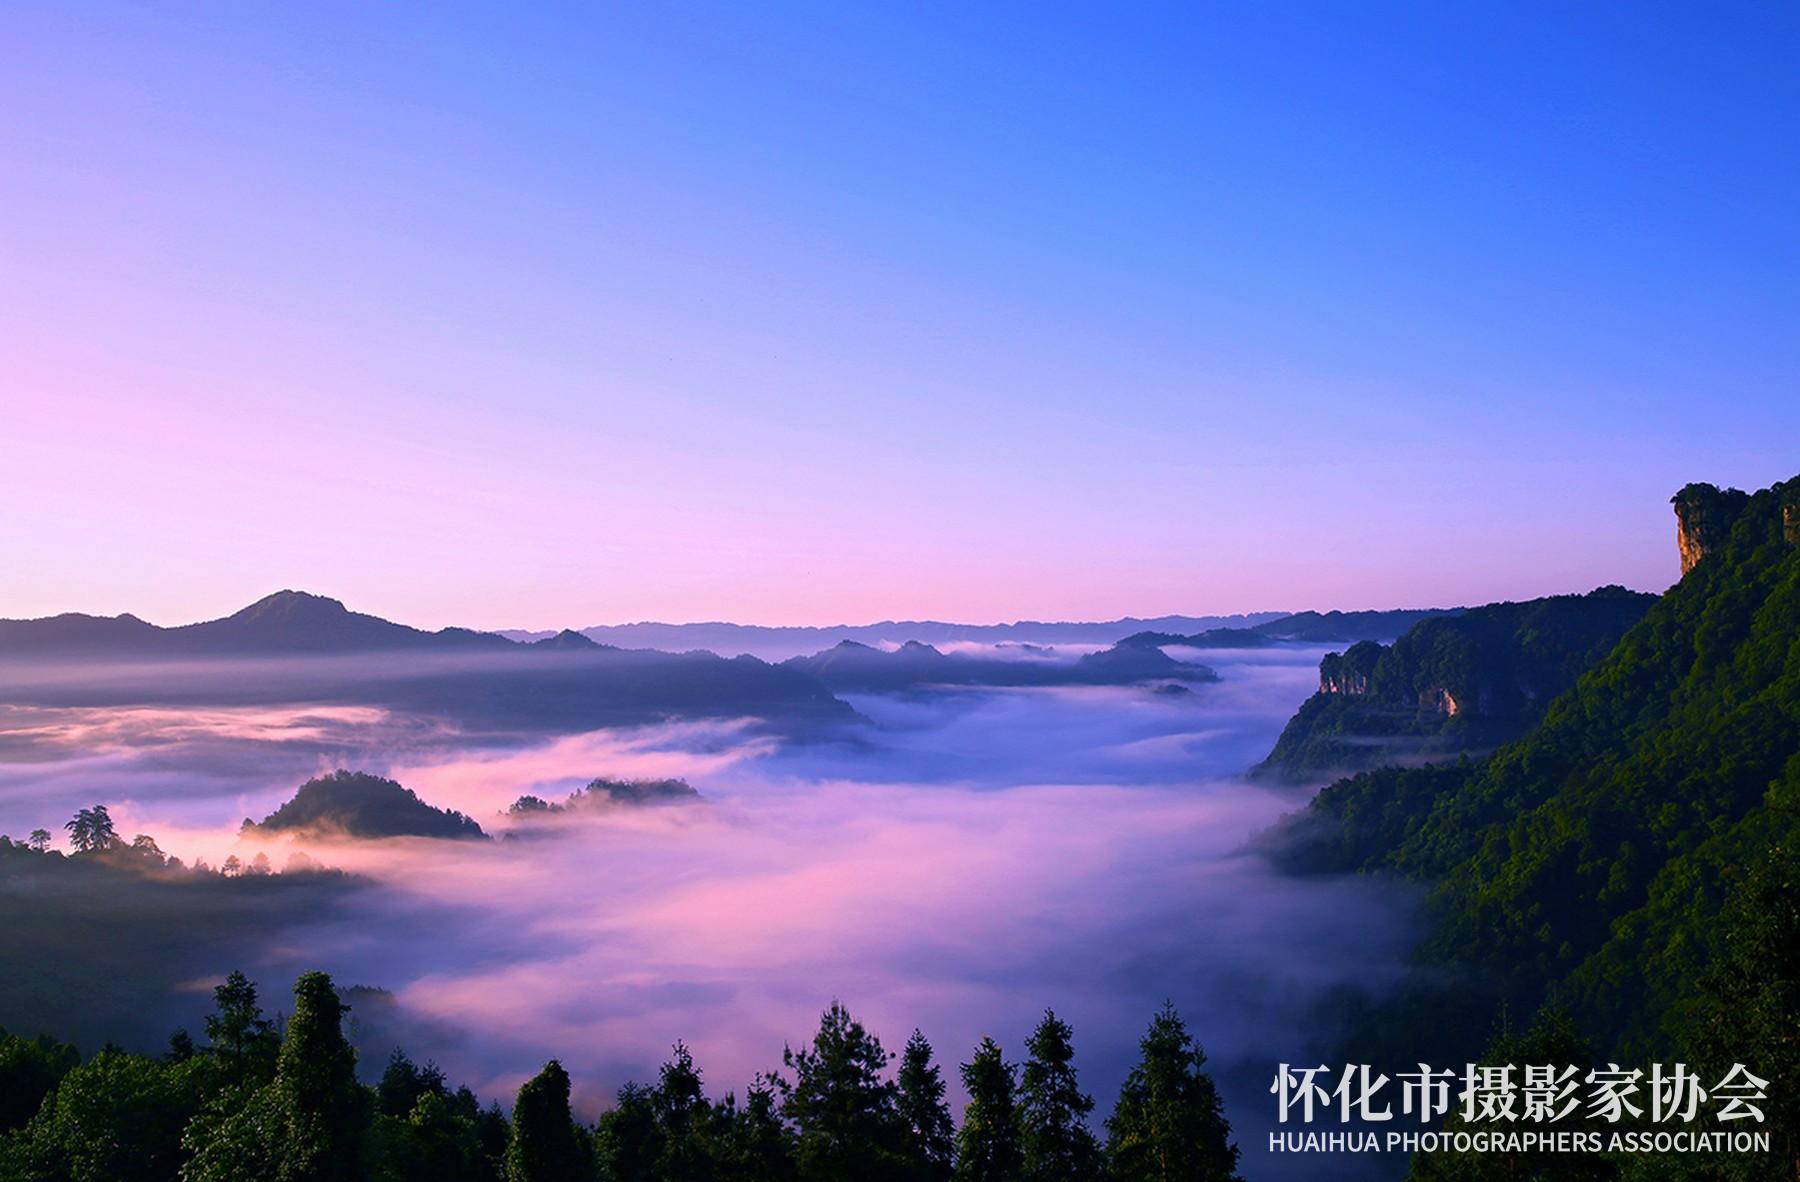 《雾锁借母溪》刘科